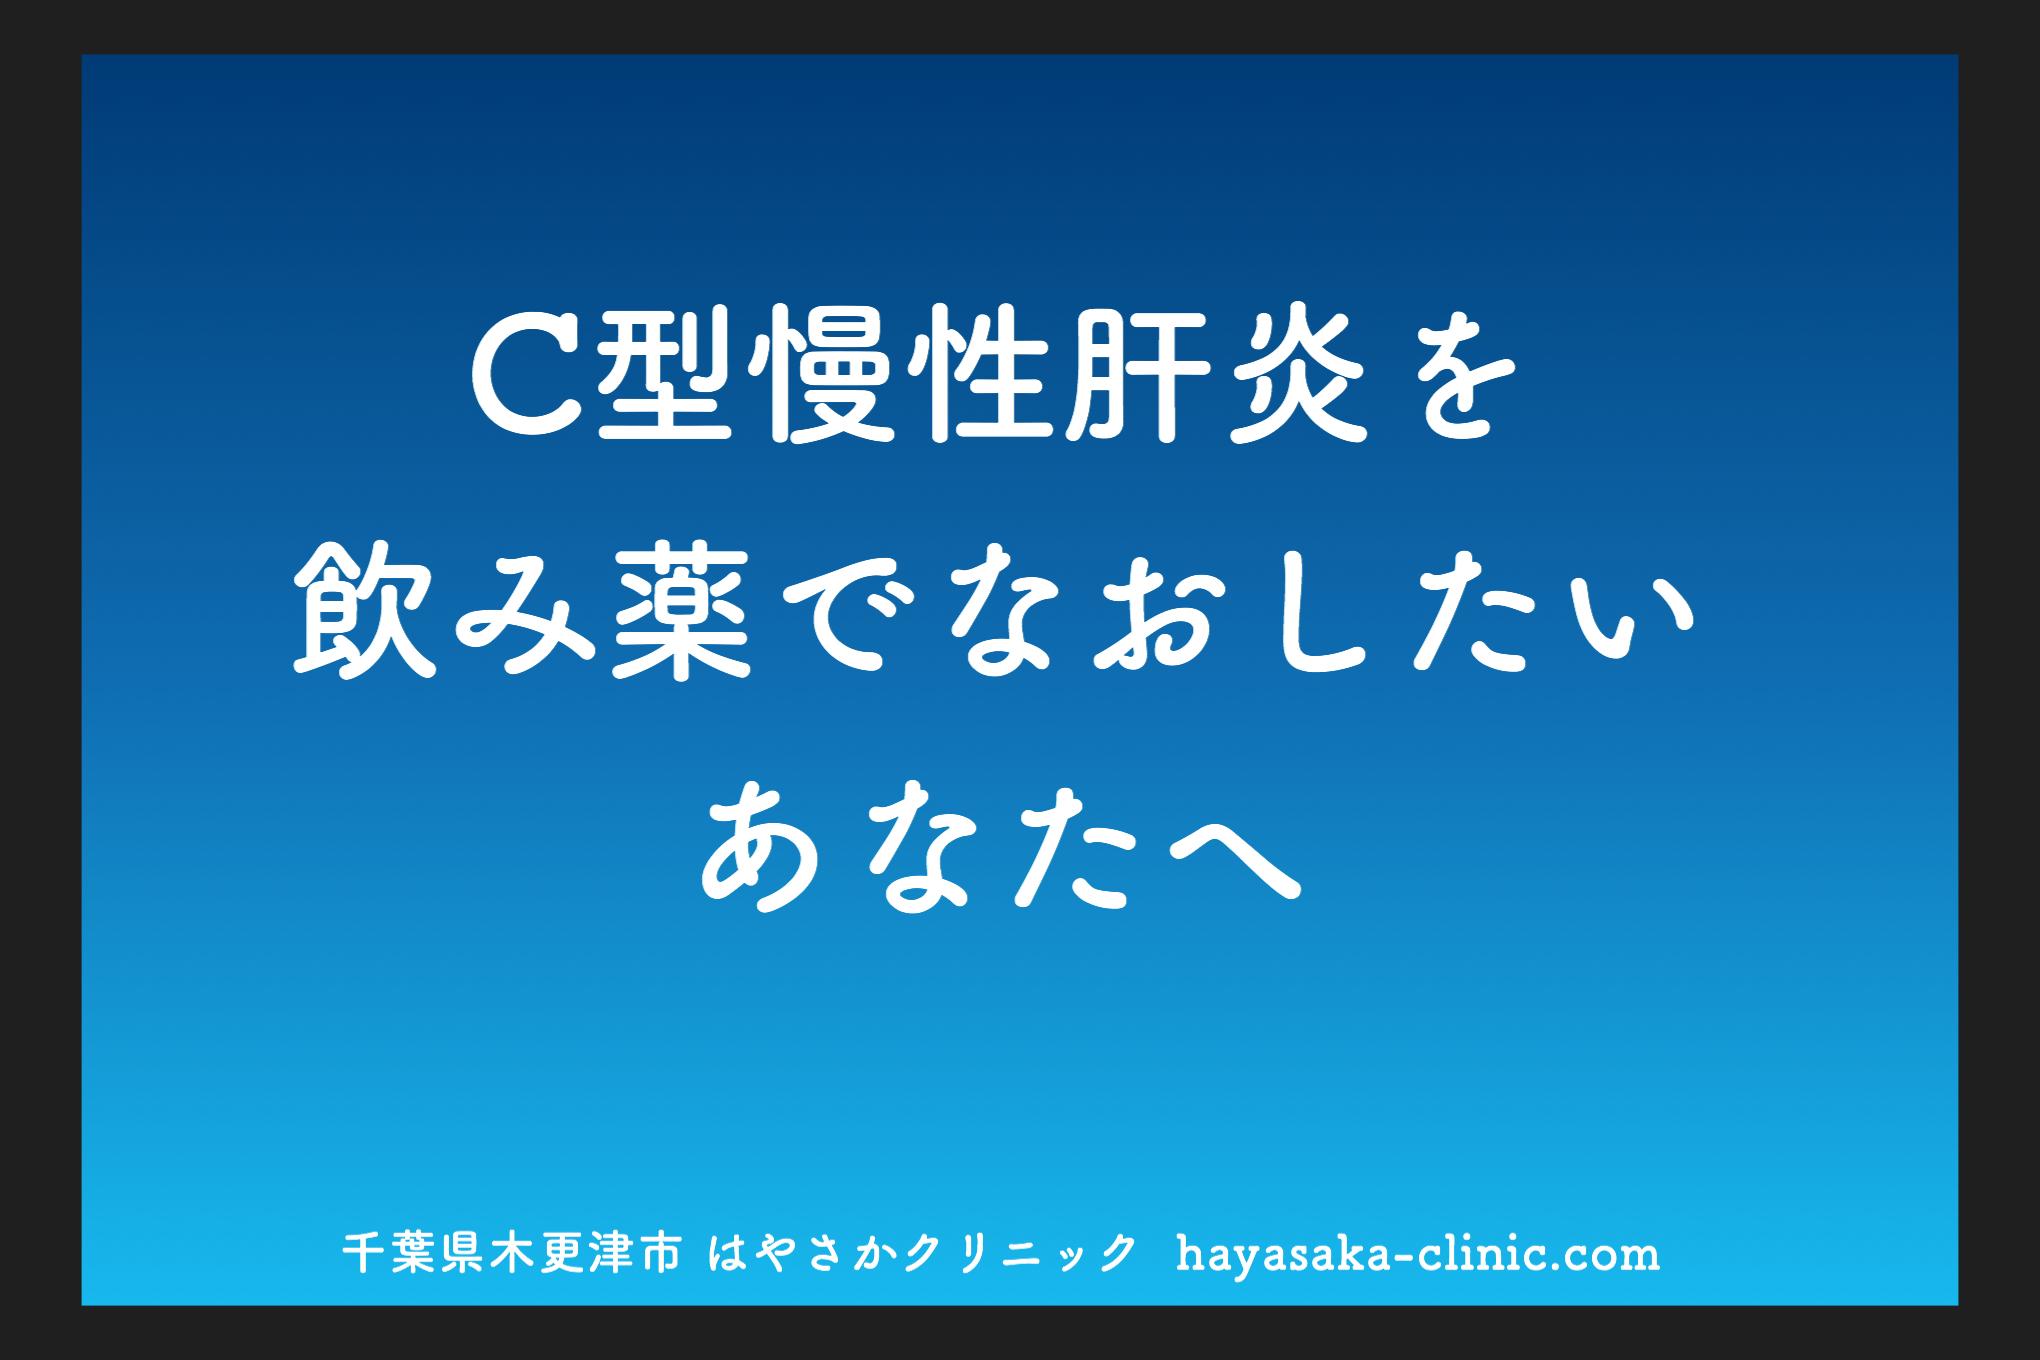 C型肝炎インターフェロンフリー治療薬の選び方